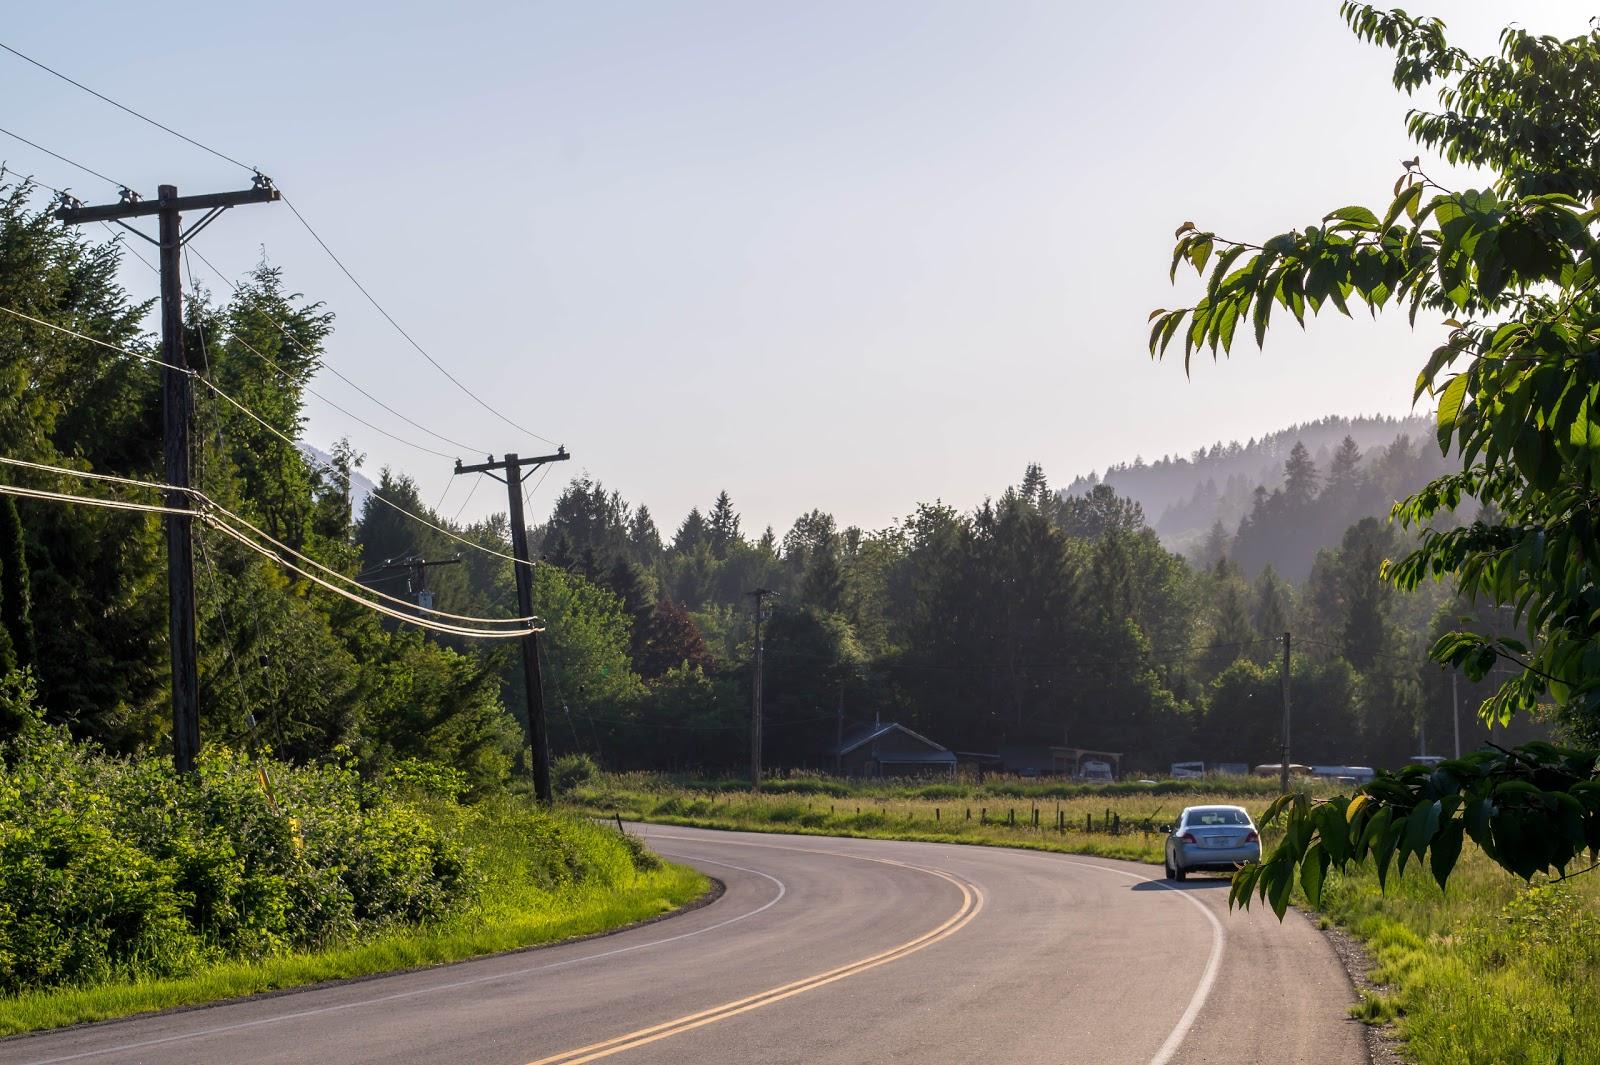 В некоторых местах пейзаж ничем не отличается от русской деревни.